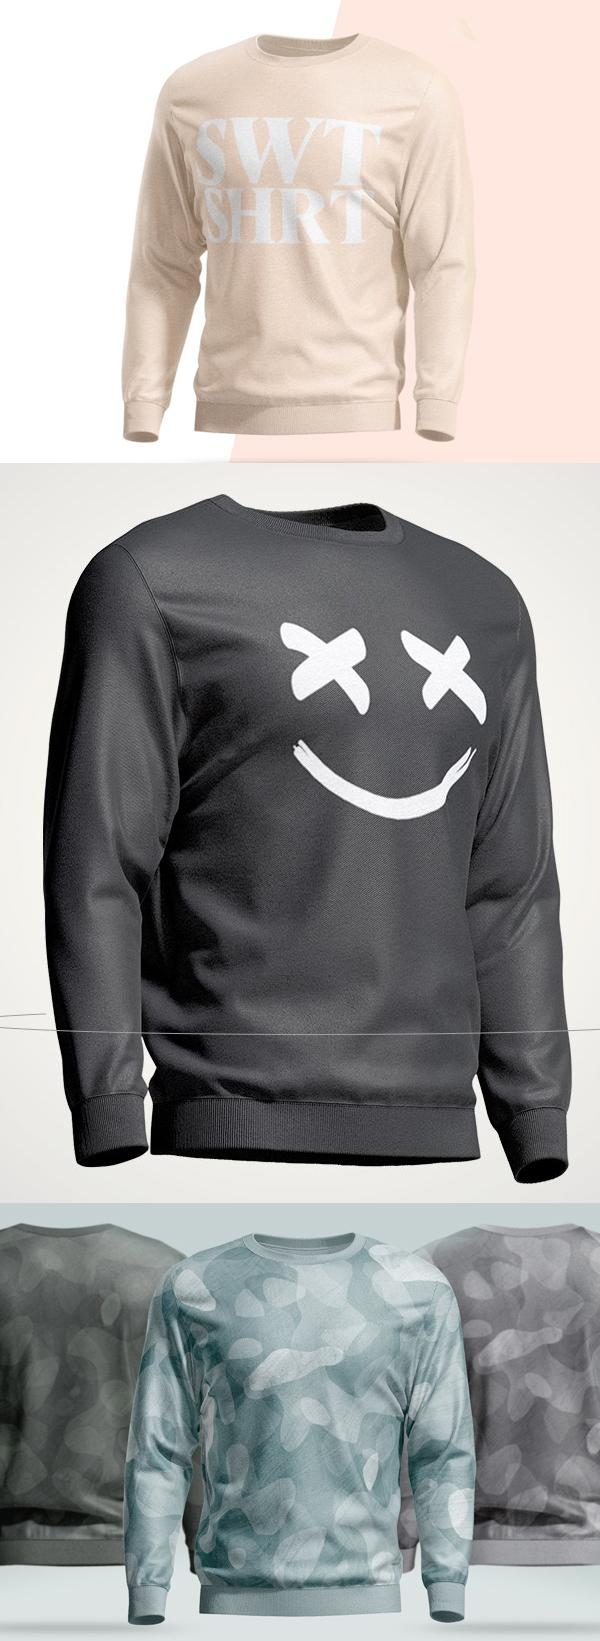 Download Sweatshirt Animated Mockup In 2020 Hoodie Mockup Shirt Mockup Sweatshirts